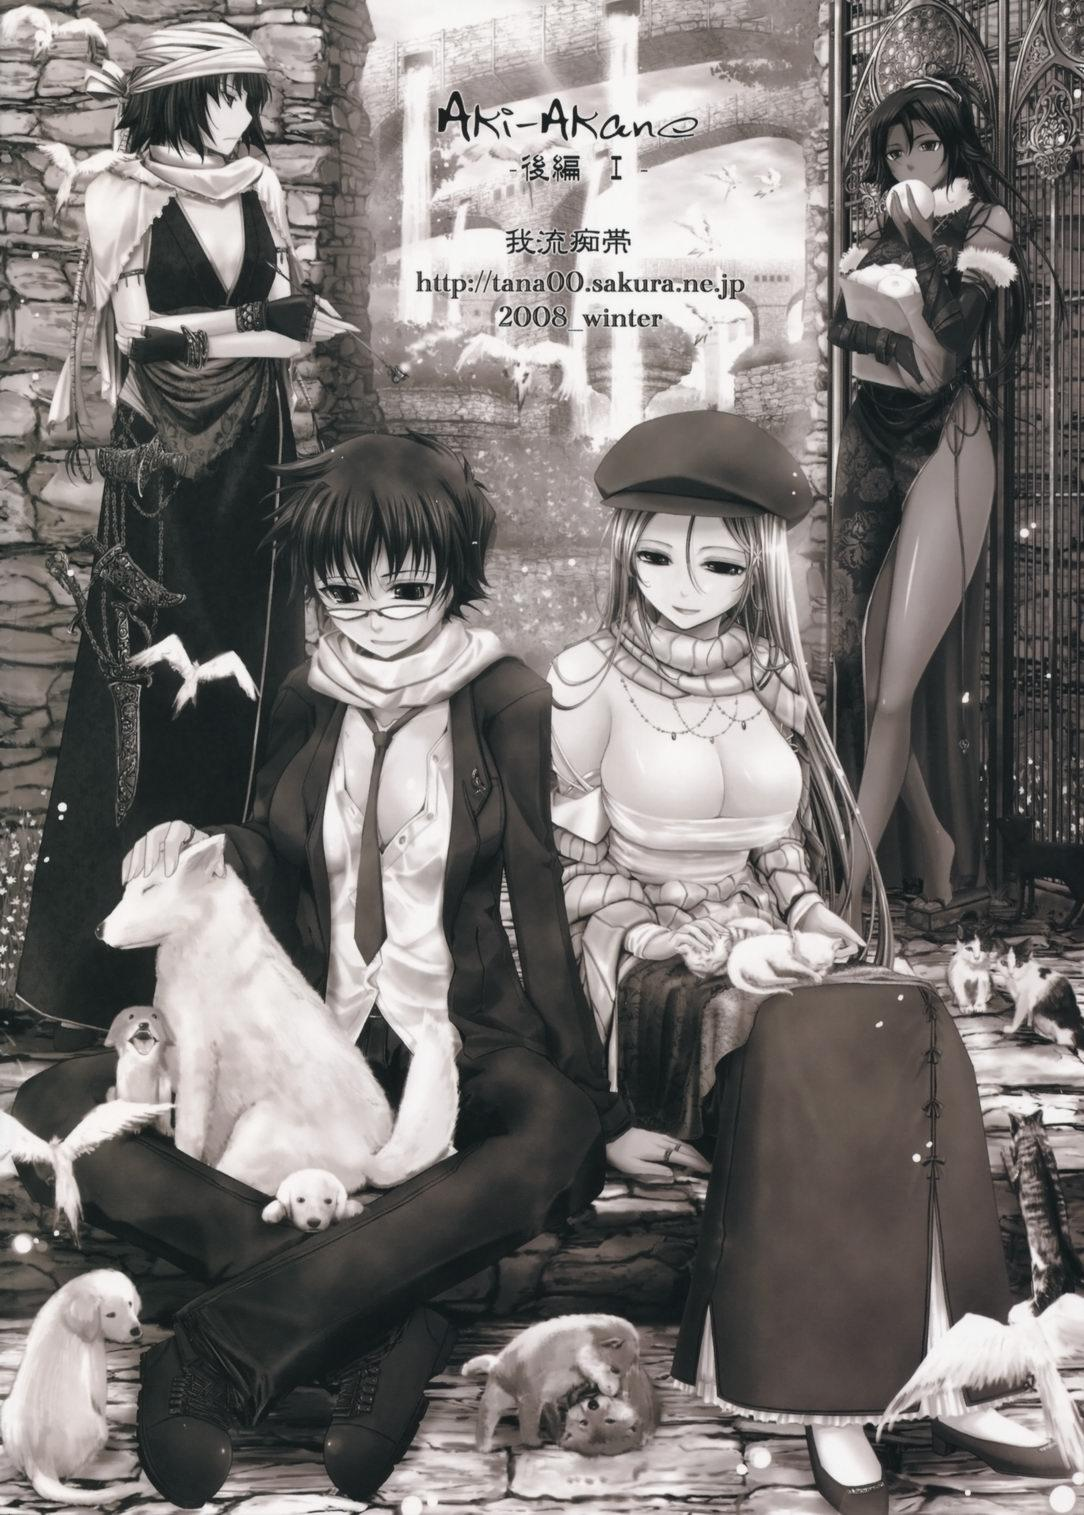 (C75) [Garyuh Chitai (TANA)] Aki-Akane -Sequel 1- (Bleach) [English] 37